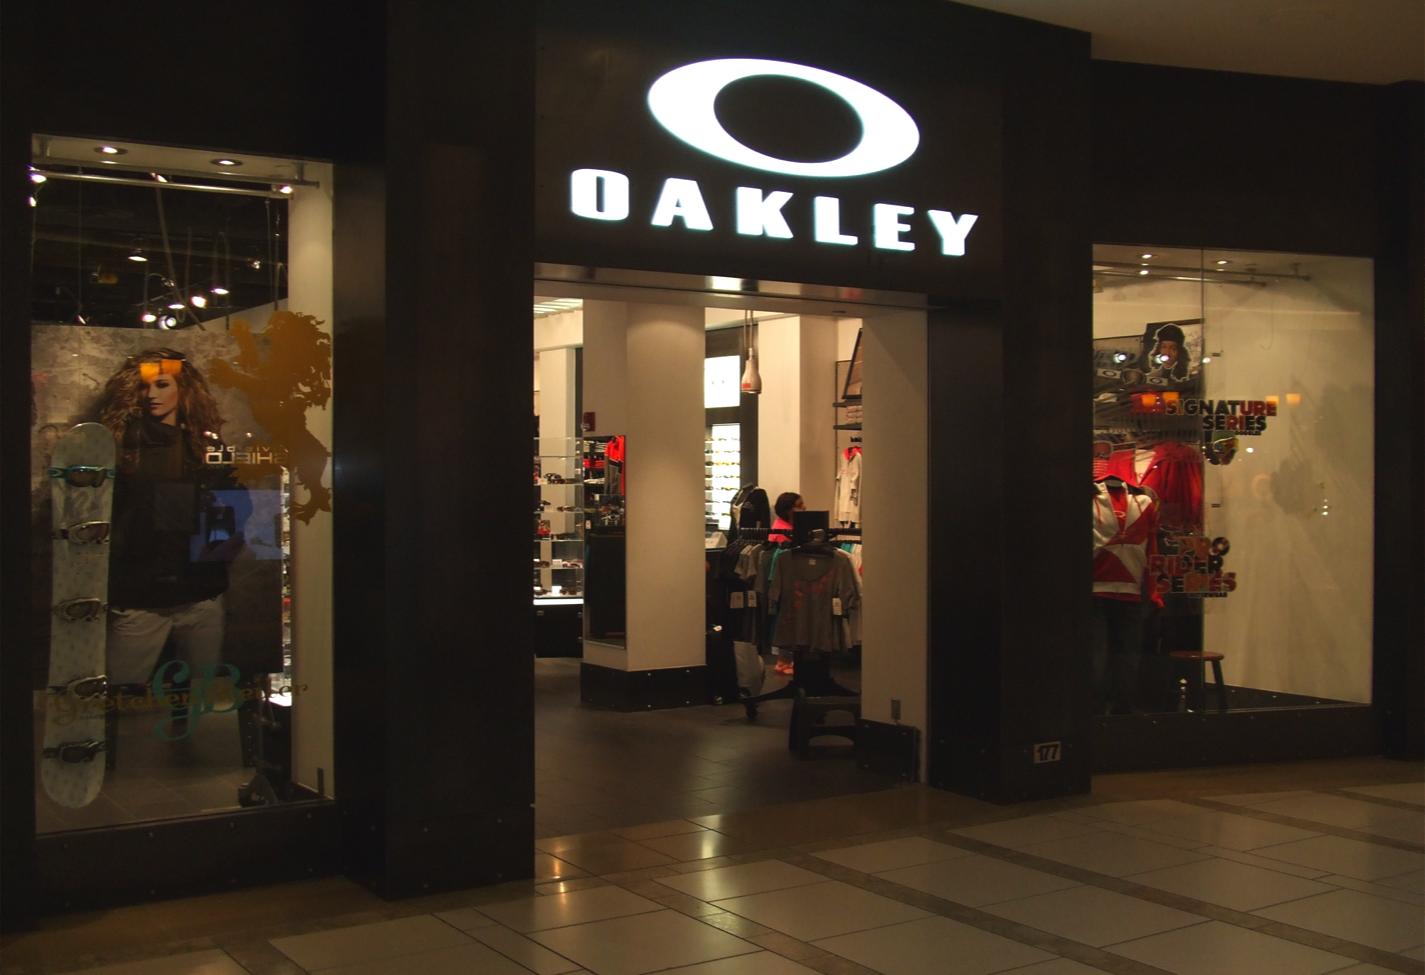 oakley store tampa florida fl. Black Bedroom Furniture Sets. Home Design Ideas